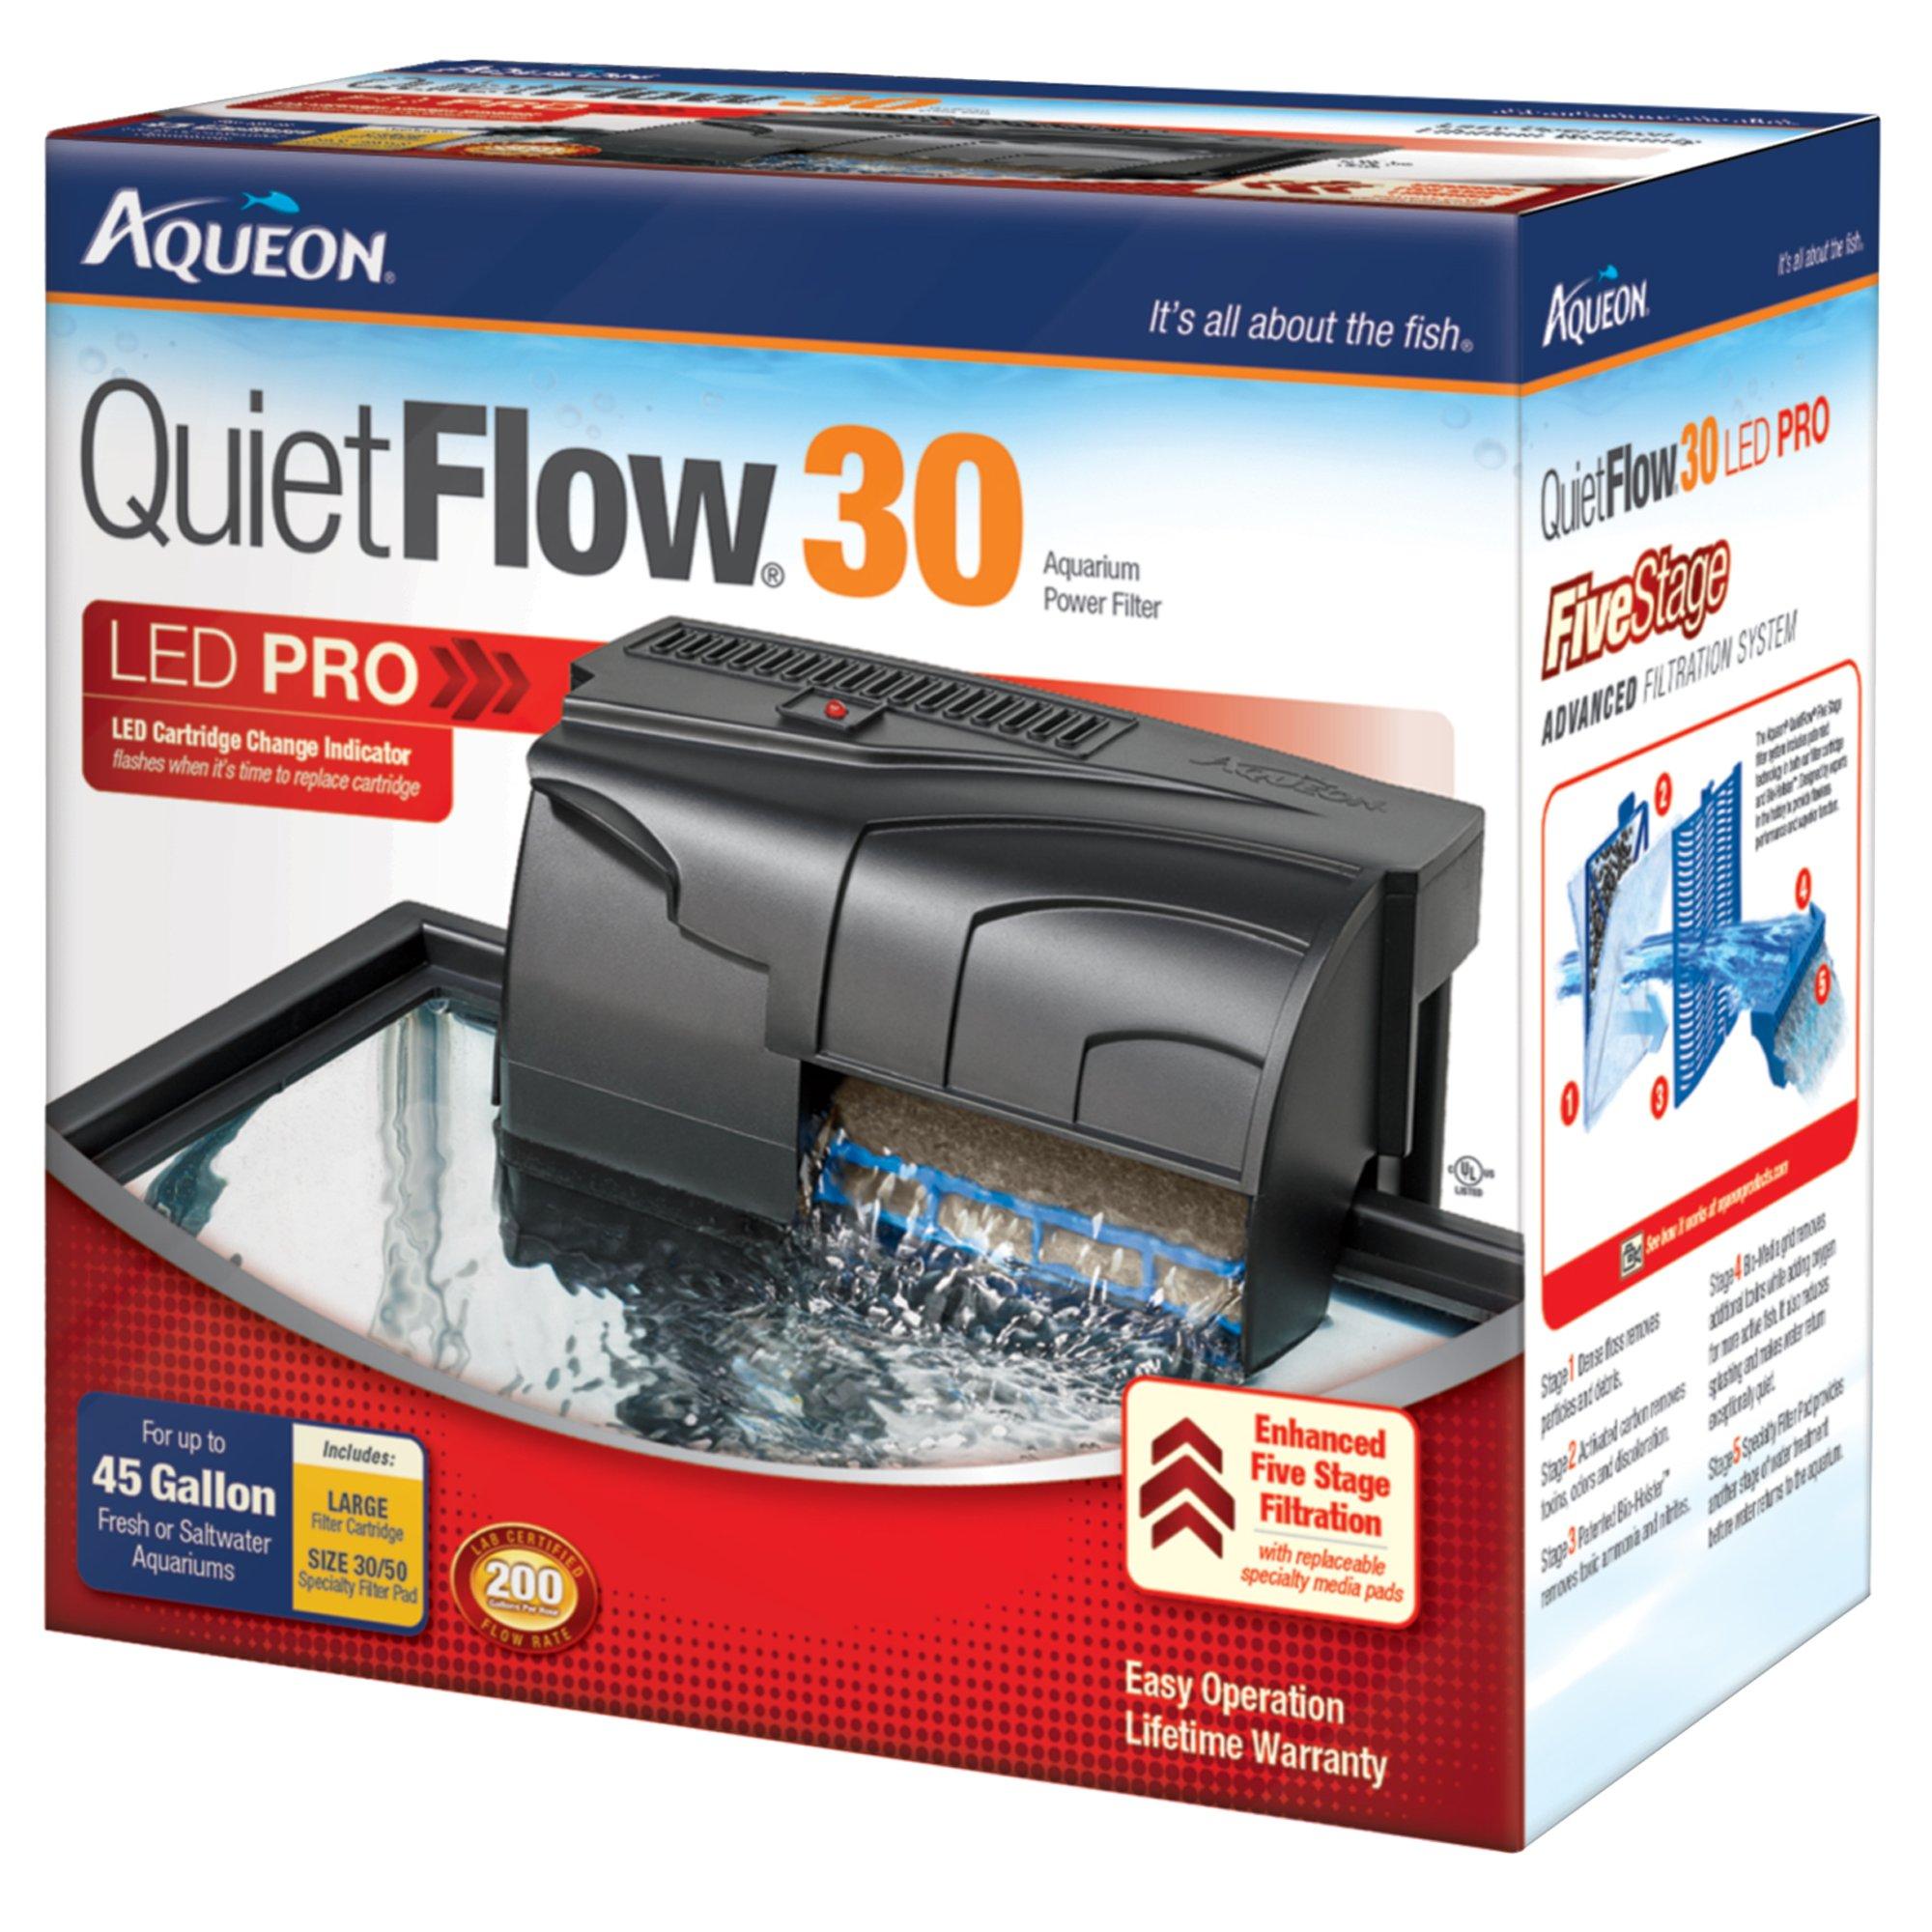 Aqueon quietflow 30 aquarium power filter petco for Petco fish filters